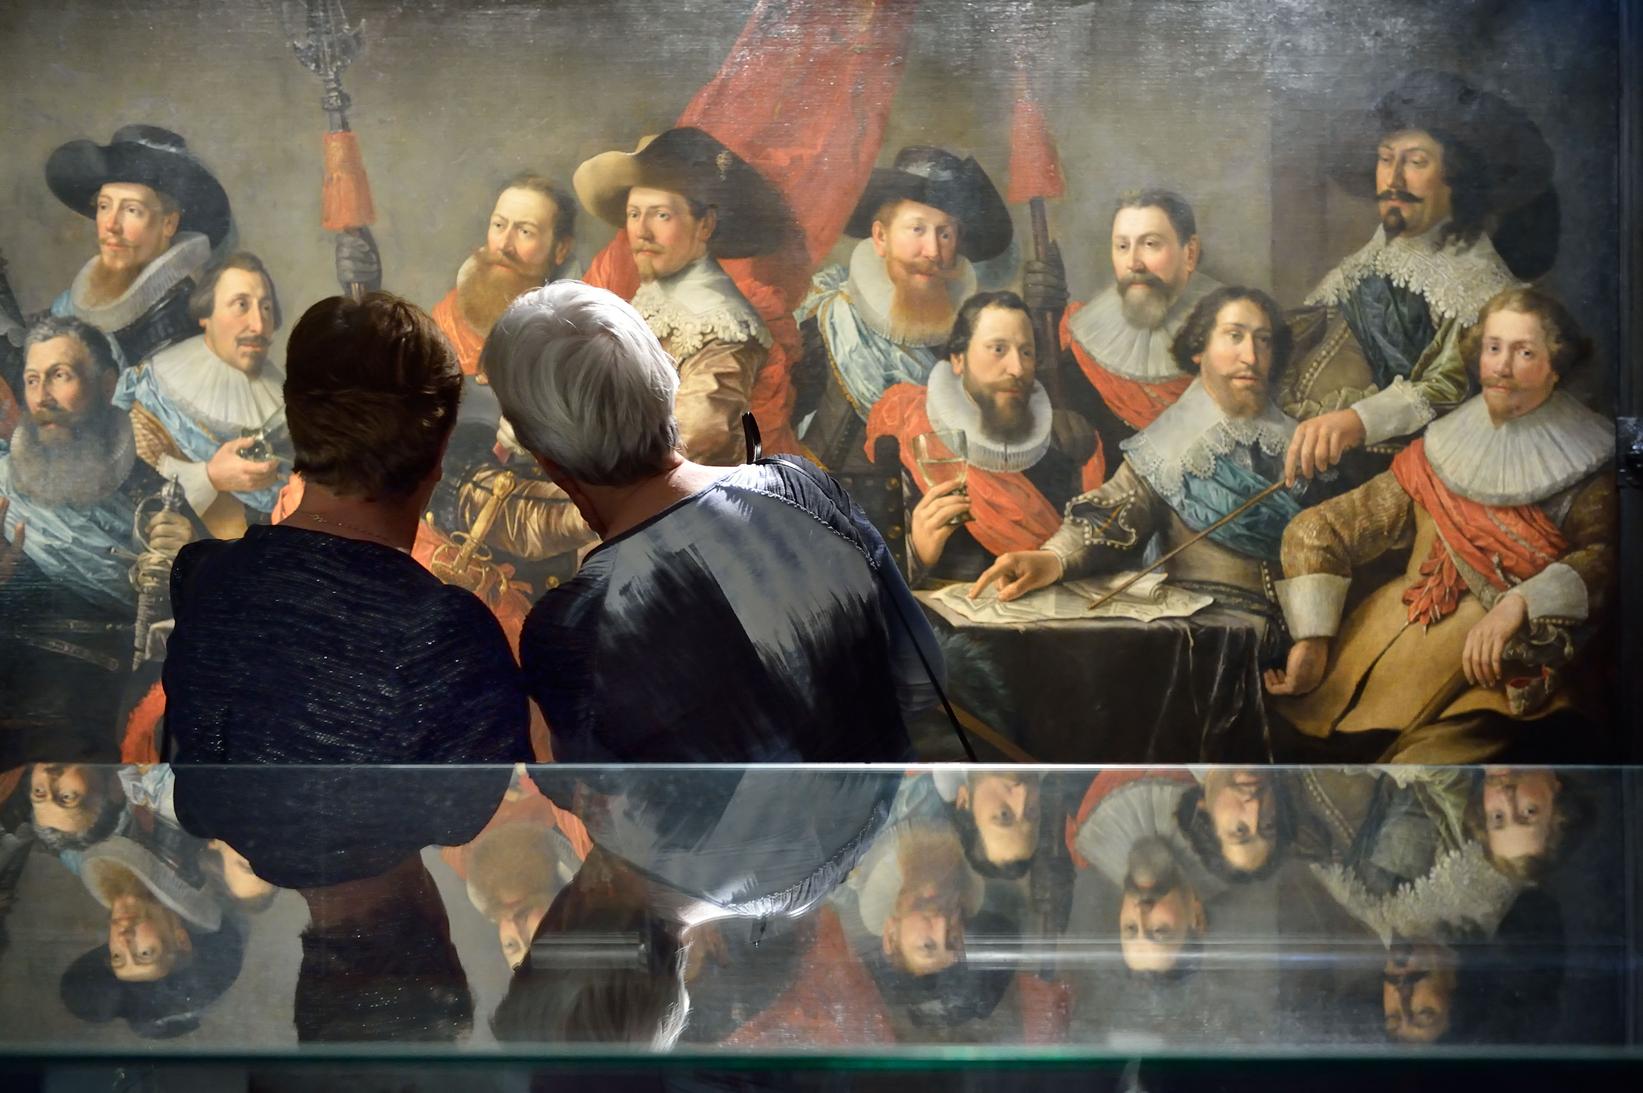 Stedelijk Museum Alkmaar 'The Golden Age'